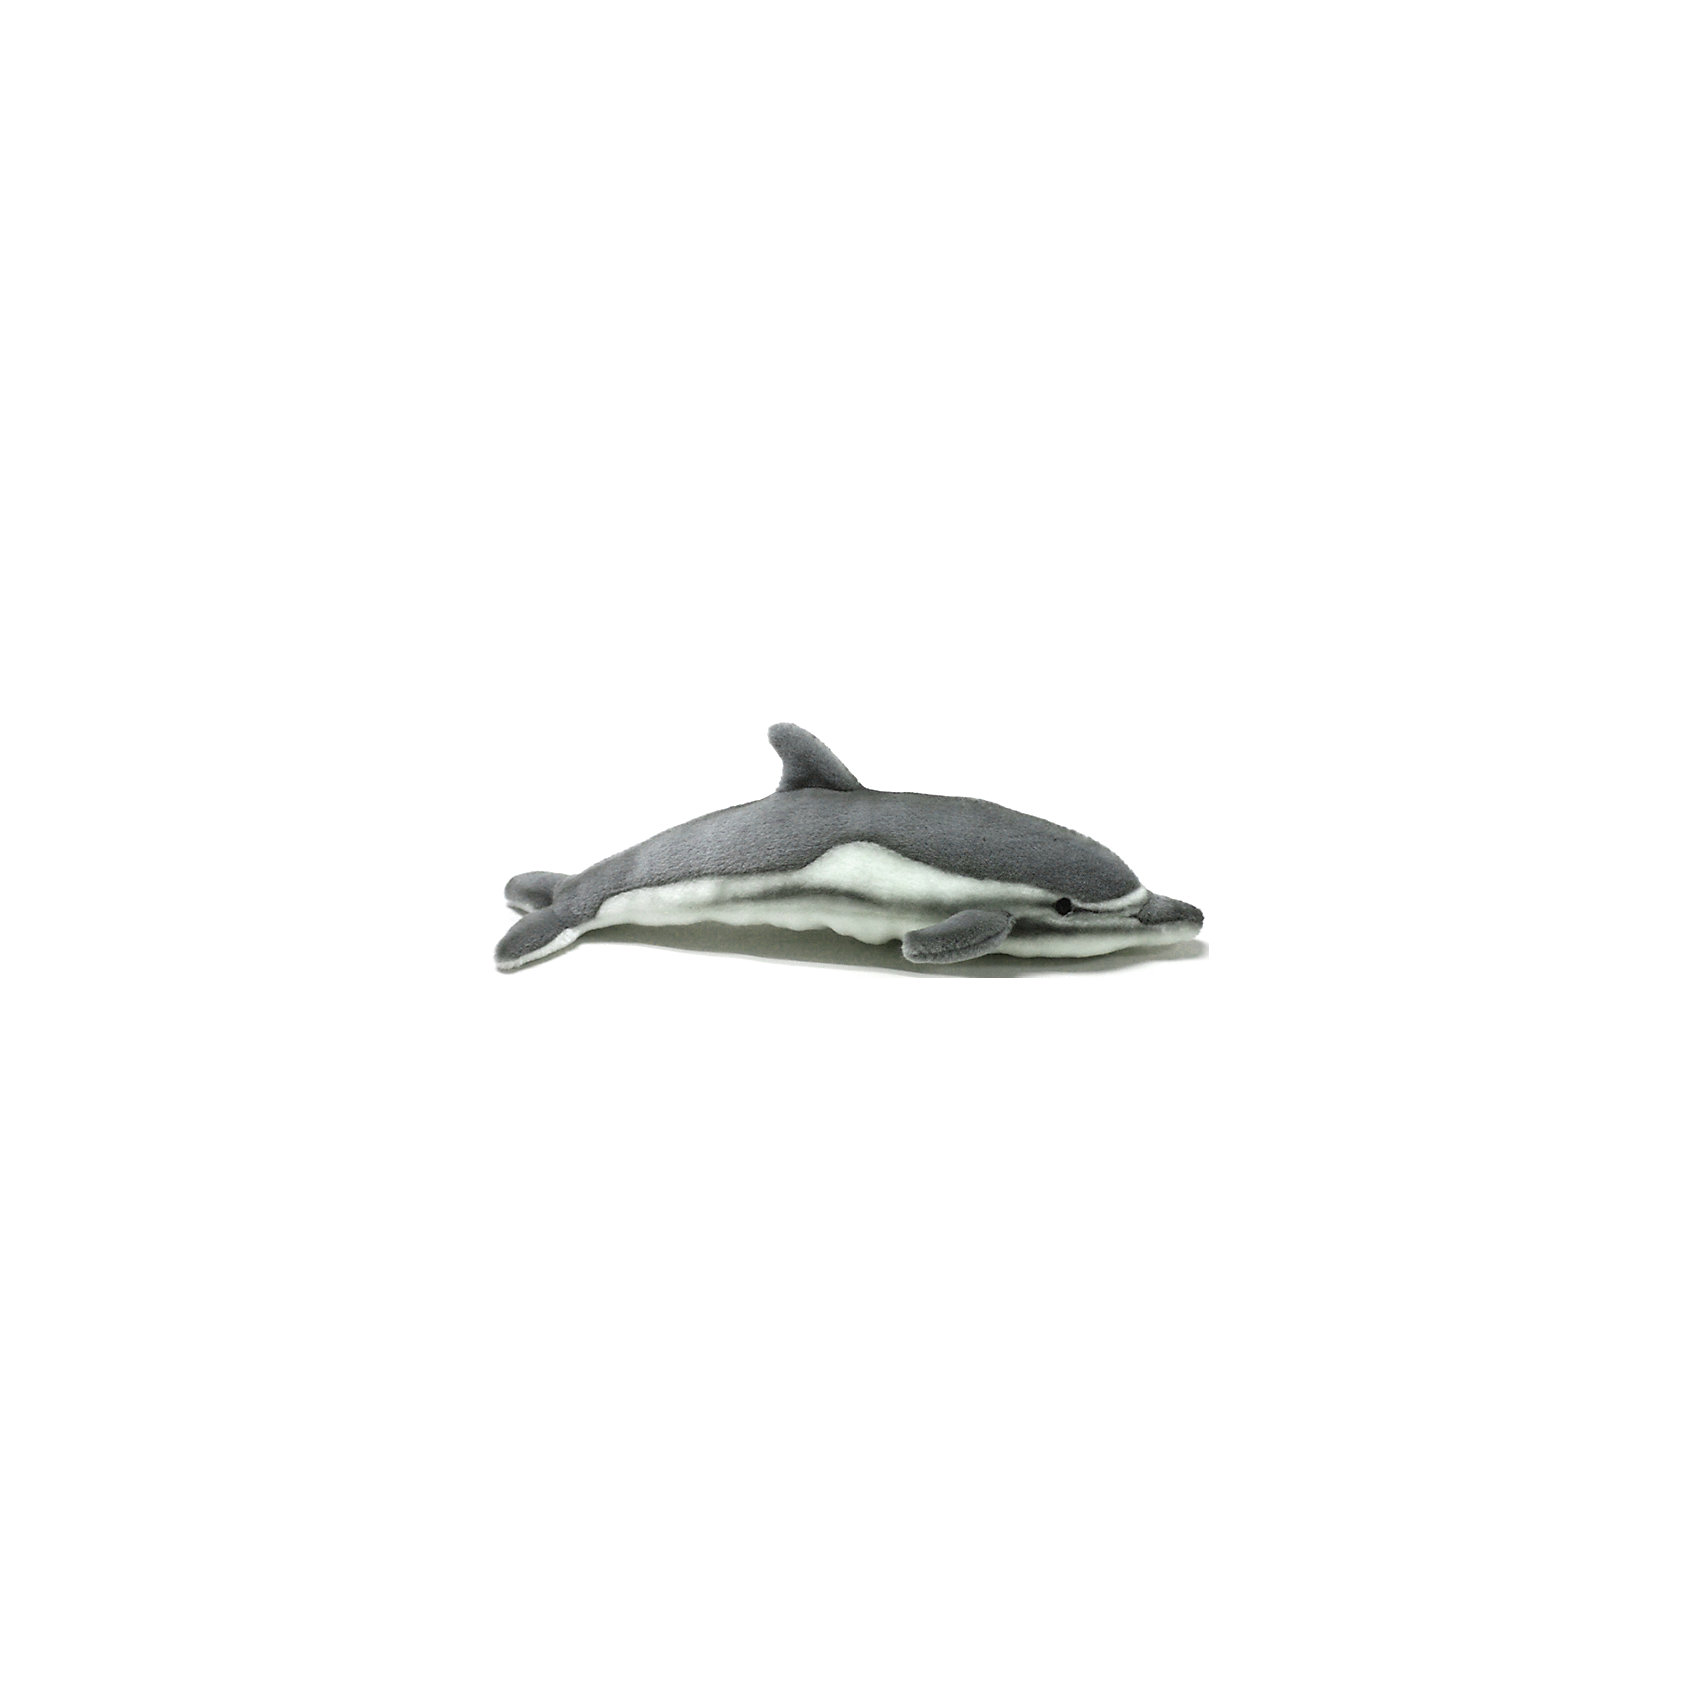 Дельфин, 40 смЗвери и птицы<br>Дельфин, 40 см – игрушка от знаменитого бренда Hansa, специализирующегося на выпуске мягких игрушек с высокой степенью натуралистичности. Внешний вид игрушечного дельфина полностью соответствует реальному прототипу. Он выполнен из искусственного меха с коротким ворсом серого оттенка и белой грудкой. Использованные материалы обладают гипоаллергенными свойствами. Внутри игрушки имеется металлический каркас, позволяющий изменять положение. <br>Игрушка относится к серии Дикие животные. <br>Мягкие игрушки от Hansa подходят для сюжетно-ролевых игр, для обучающих игр, направленных на знакомство с животным миром дикой природы. Кроме того, их можно использовать в качестве интерьерных игрушек. Коллекция из нескольких игрушек позволяет создать свой домашний зоопарк, который будет радовать вашего ребенка долгое время, так как ручная работа и качественные материалы гарантируют их долговечность и прочность.<br><br>Дополнительная информация:<br><br>- Вид игр: сюжетно-ролевые игры, коллекционирование, интерьерные игрушки<br>- Предназначение: для дома, для детских развивающих центров, для детских садов<br>- Материал: искусственный мех, наполнитель ? полиэфирное волокно<br>- Размер (ДхШхВ): 40*12*10 см<br>- Вес: 400 г<br>- Особенности ухода: сухая чистка при помощи пылесоса или щетки для одежды<br><br>Подробнее:<br><br>• Для детей в возрасте: от 3 лет <br>• Страна производитель: Филиппины<br>• Торговый бренд: Hansa<br><br>Дельфина, 40 см можно купить в нашем интернет-магазине.<br><br>Ширина мм: 40<br>Глубина мм: 12<br>Высота мм: 10<br>Вес г: 400<br>Возраст от месяцев: 36<br>Возраст до месяцев: 2147483647<br>Пол: Унисекс<br>Возраст: Детский<br>SKU: 4927204